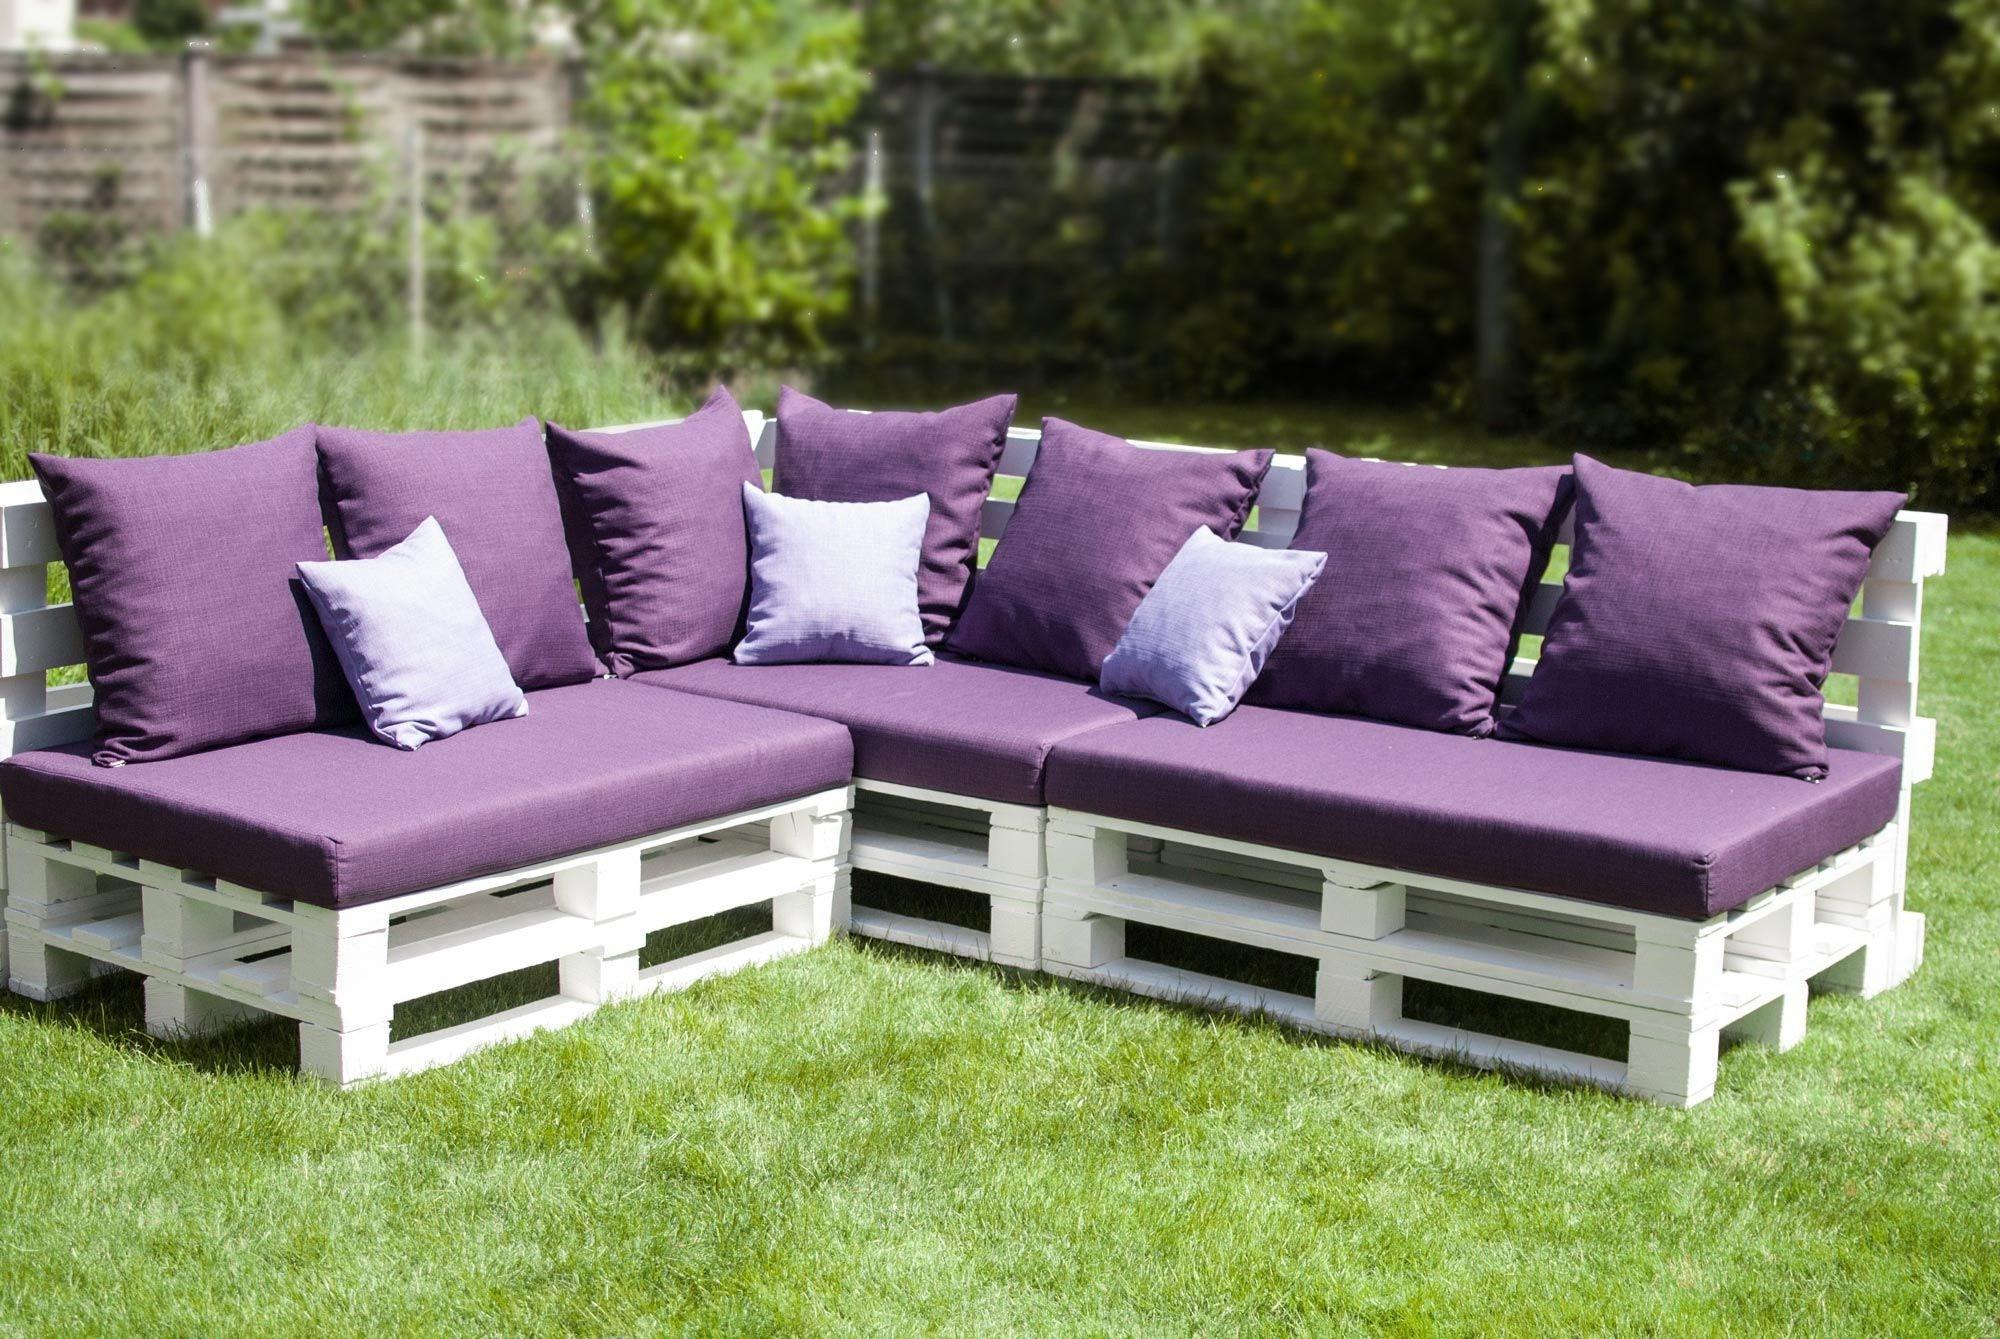 Fabriquez Votre Salon De Jardin En Palette   Blog Xyladecor encequiconcerne Canapé De Jardin En Palette